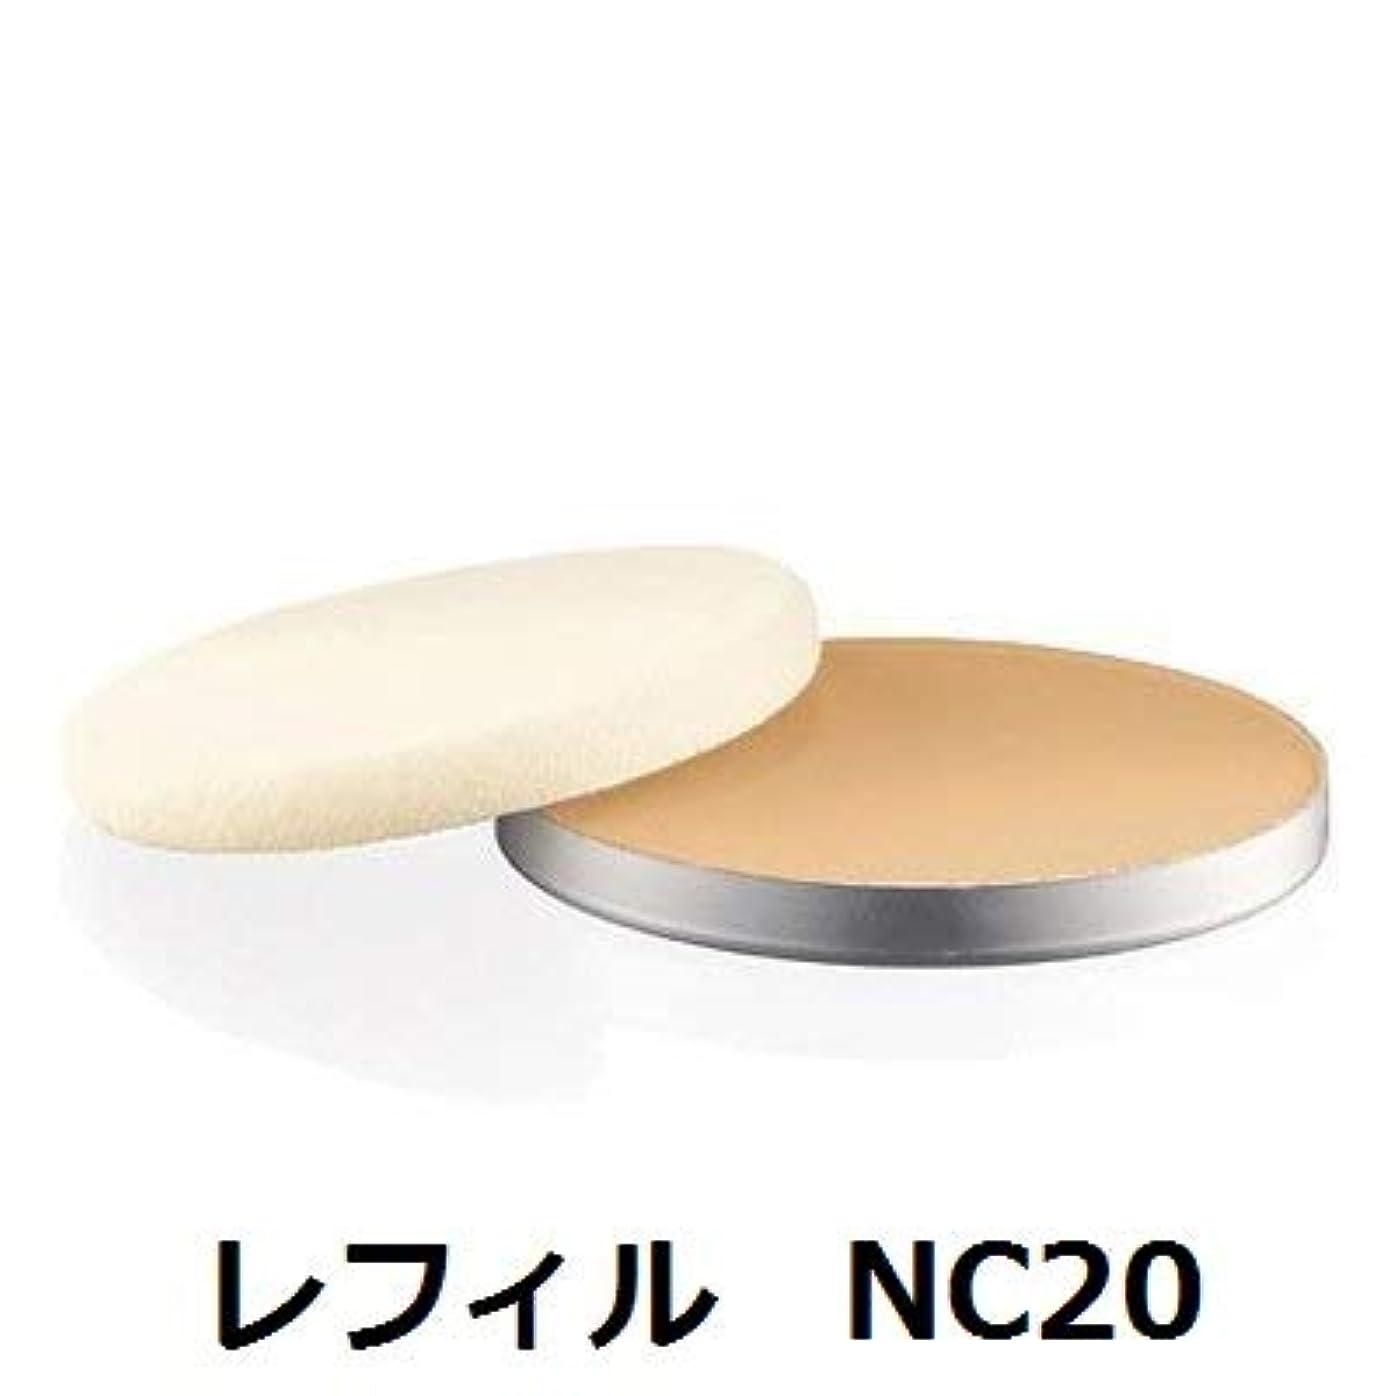 頬骨答え蜂マック(MAC) ライトフルC+SPF 30ファンデーション レフィル #NC20 14g [並行輸入品]